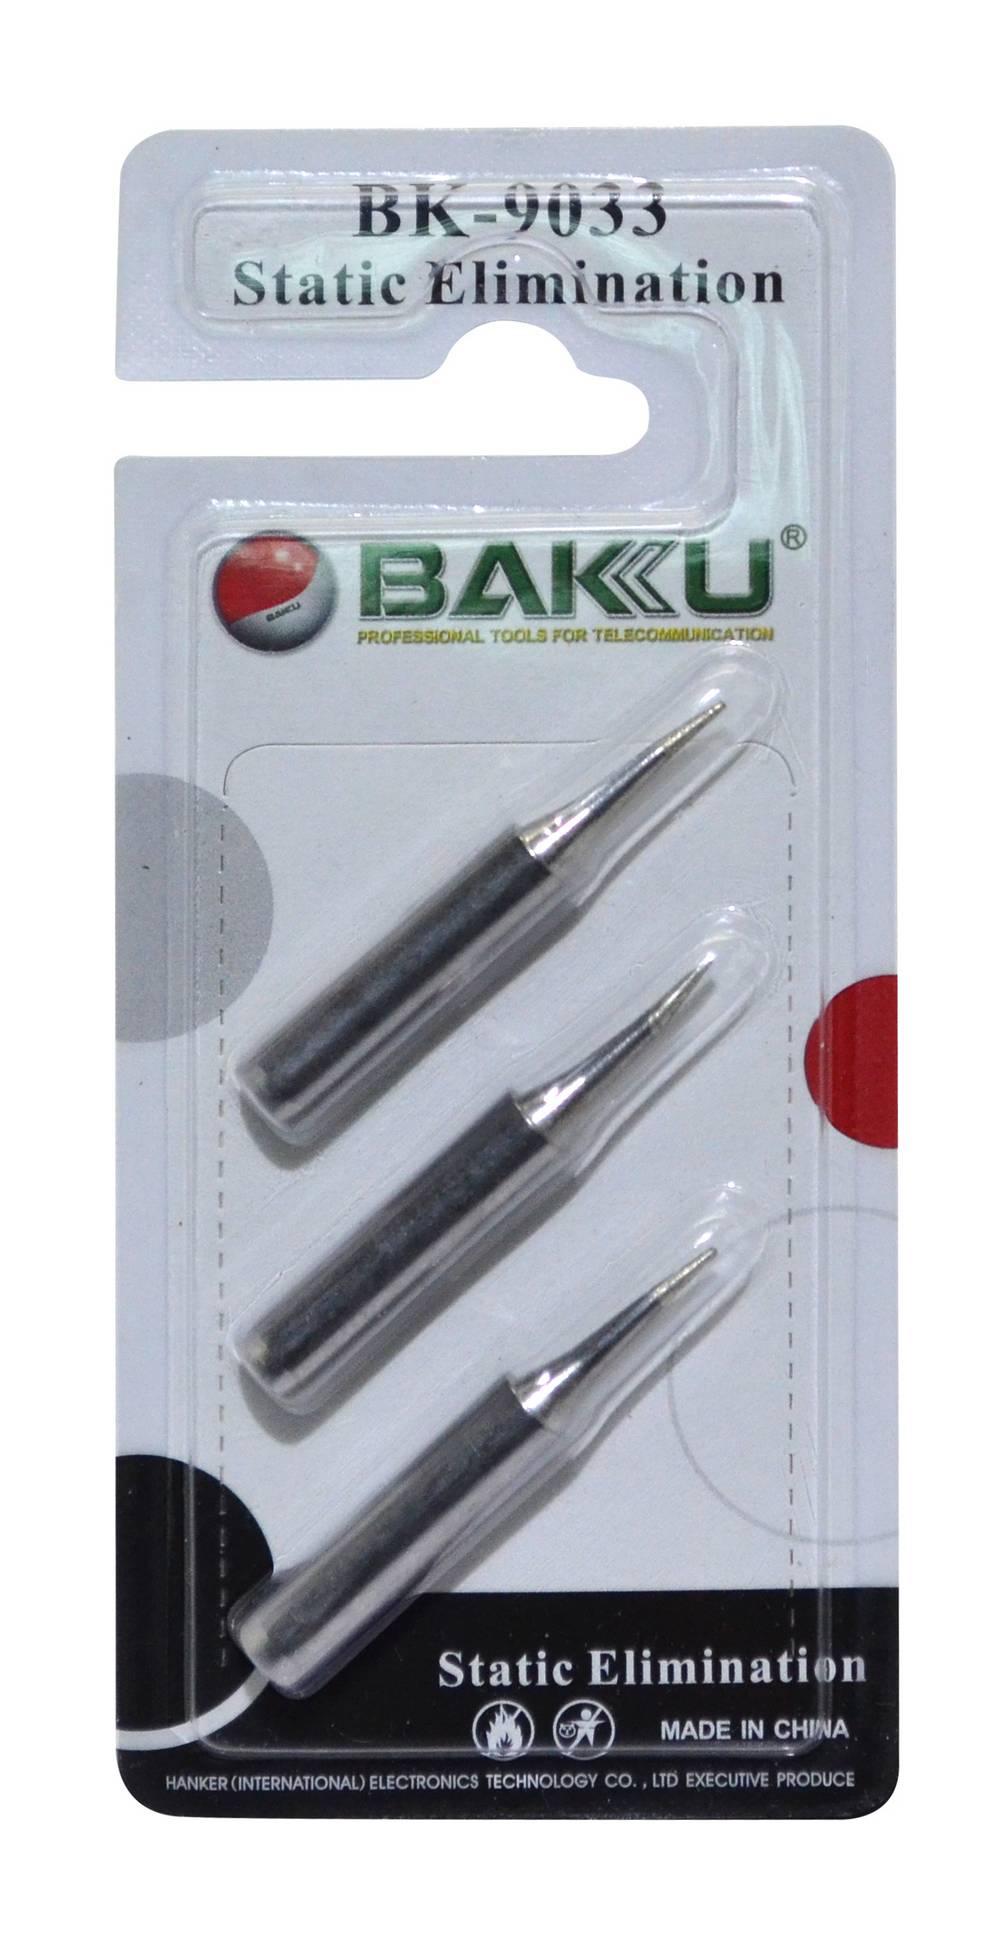 Σέτ Μύτες για Κολλητήρι Bakku 900M-T-S 3 Τεμάχια